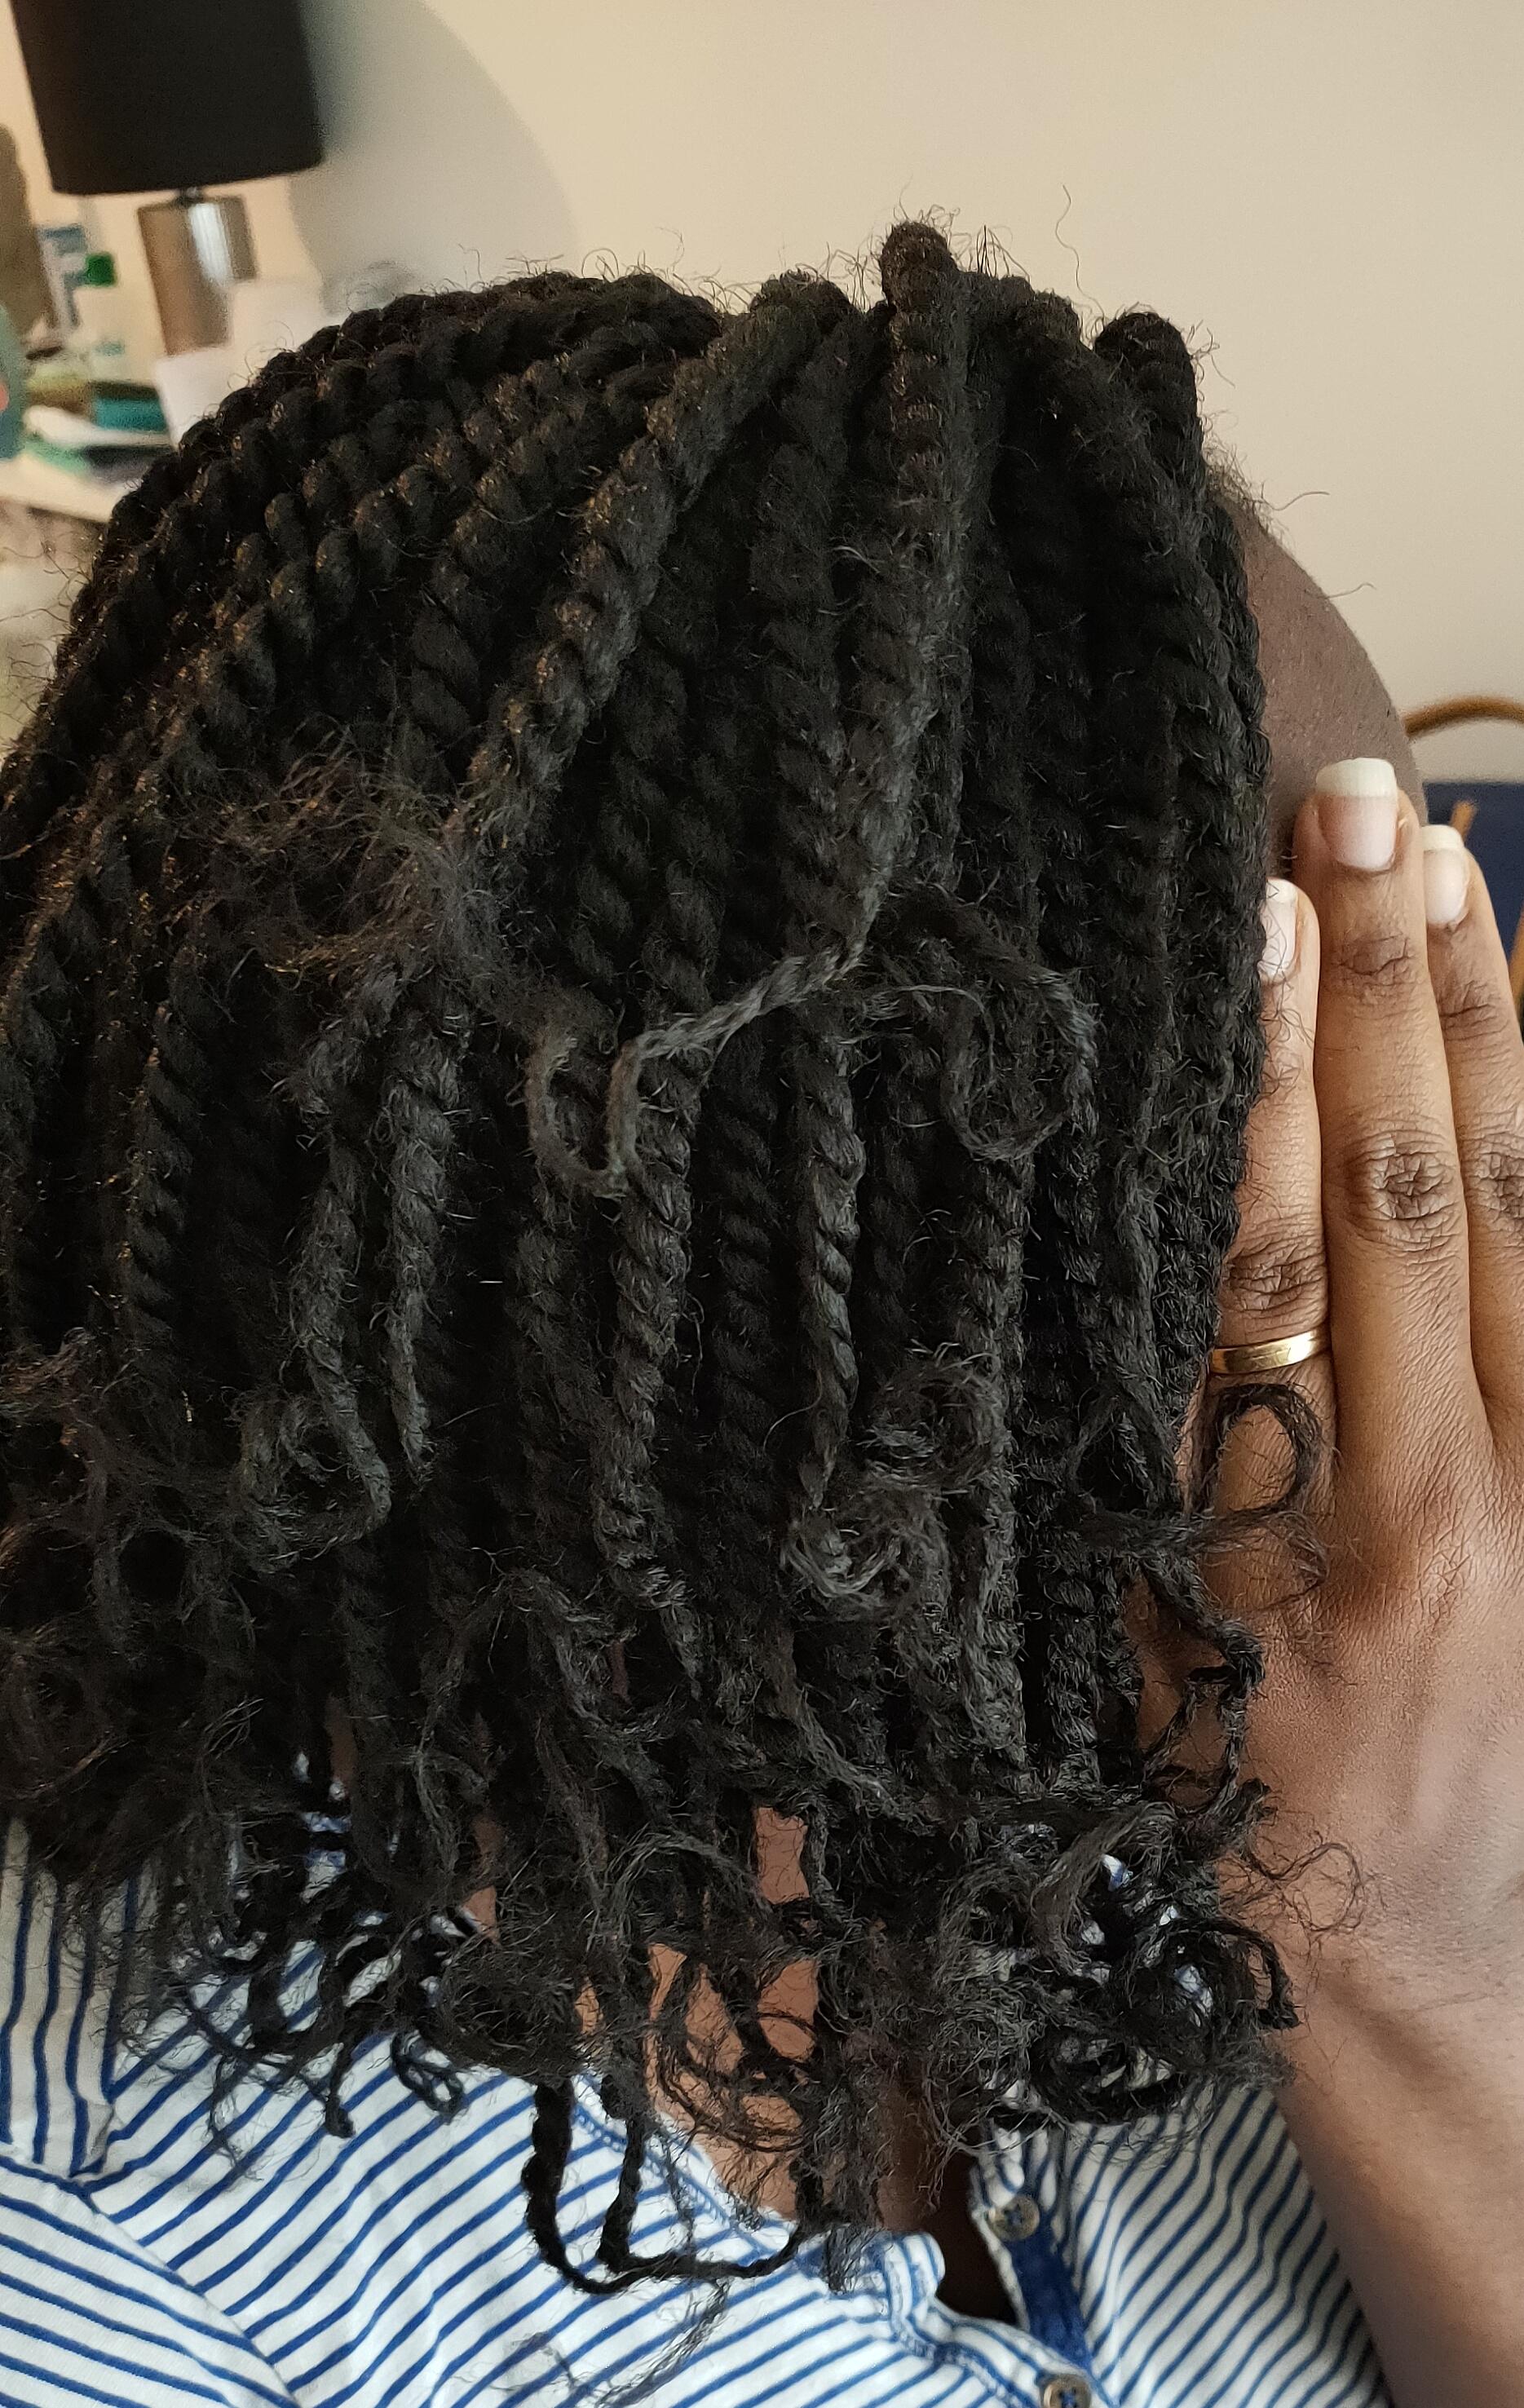 salon de coiffure afro tresse tresses box braids crochet braids vanilles tissages paris 75 77 78 91 92 93 94 95 ENLEQYZM